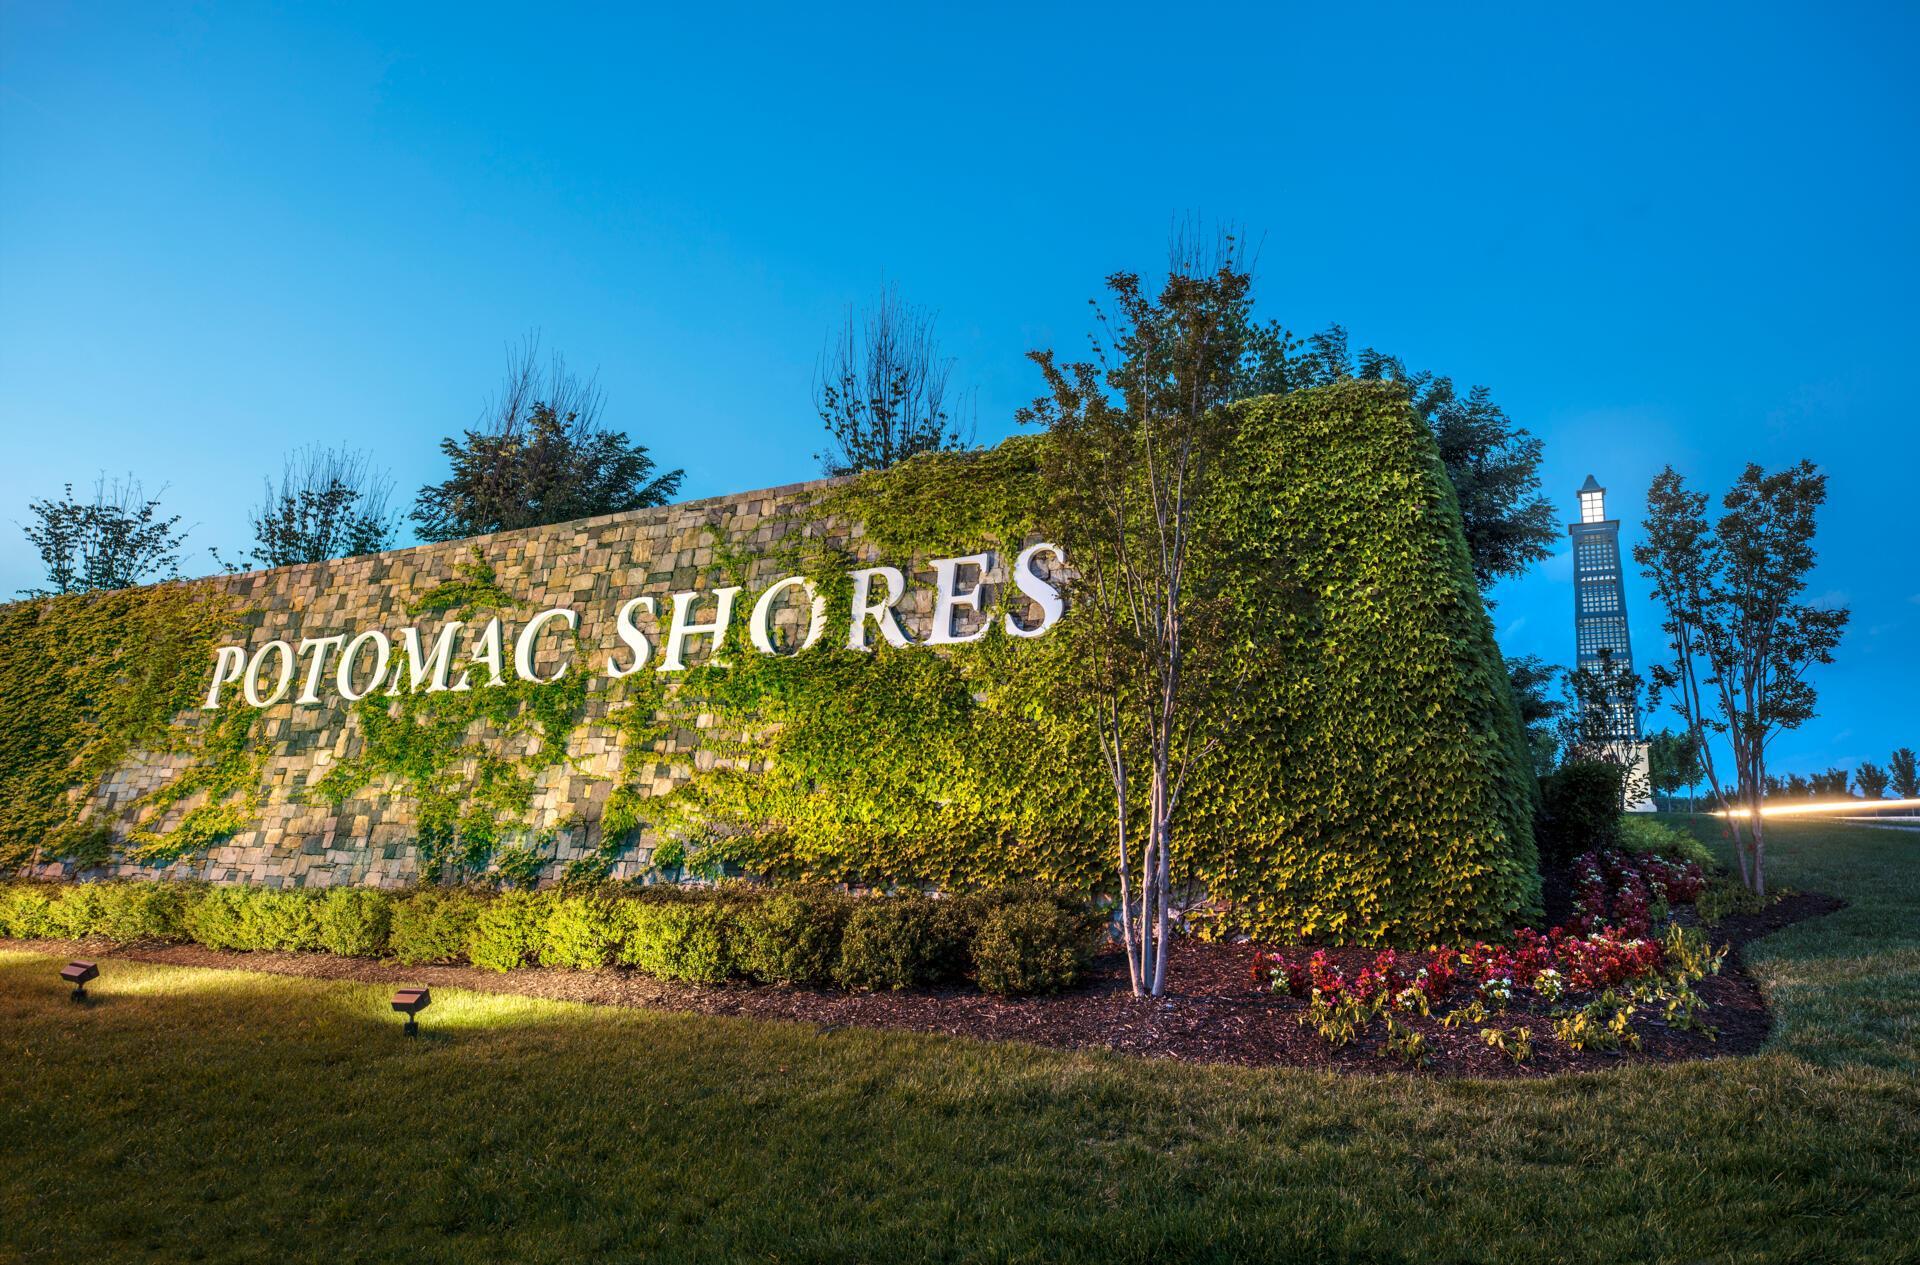 The Potomac Shores Entrance